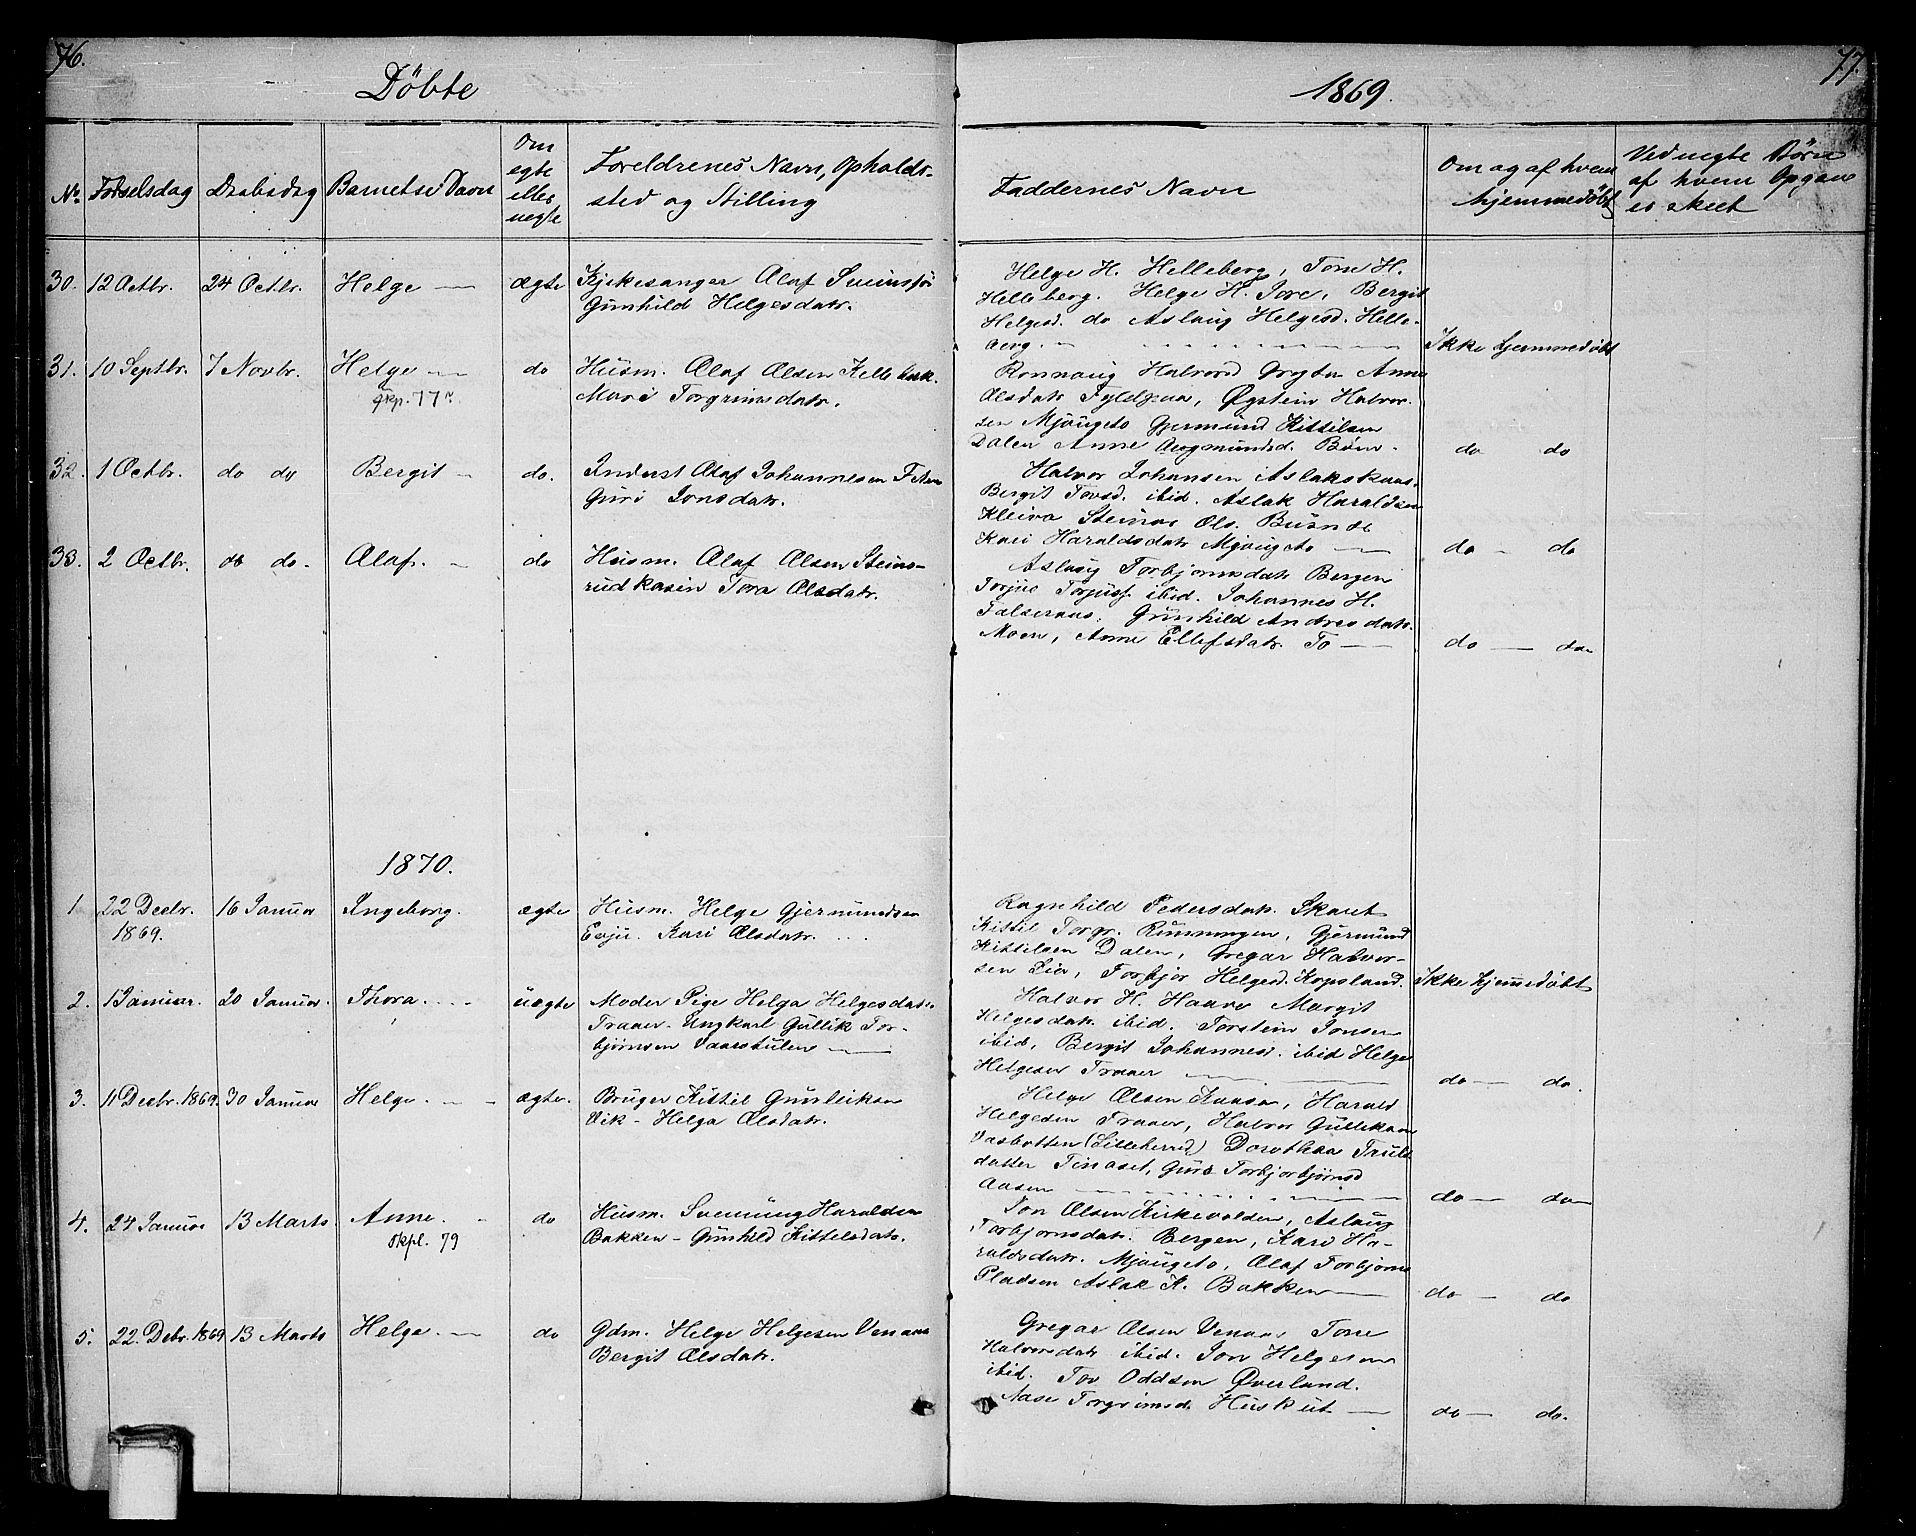 SAKO, Gransherad kirkebøker, G/Ga/L0002: Klokkerbok nr. I 2, 1854-1886, s. 76-77